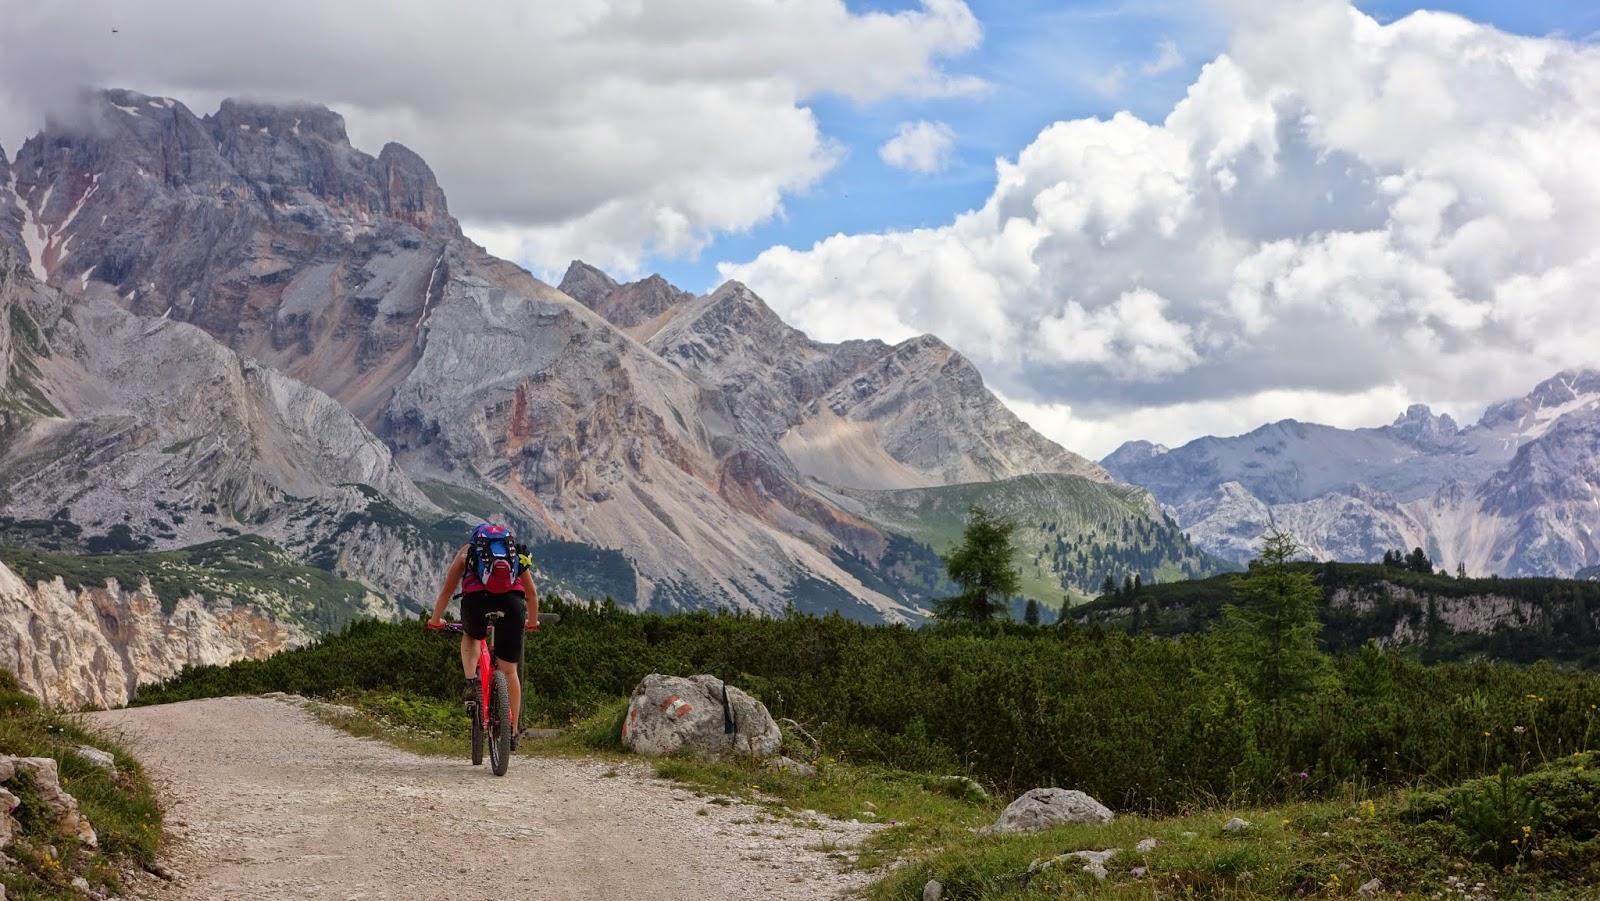 dolomiten mtb tour Mountainbike Tour: Sennes Seitenbachscharte MTB